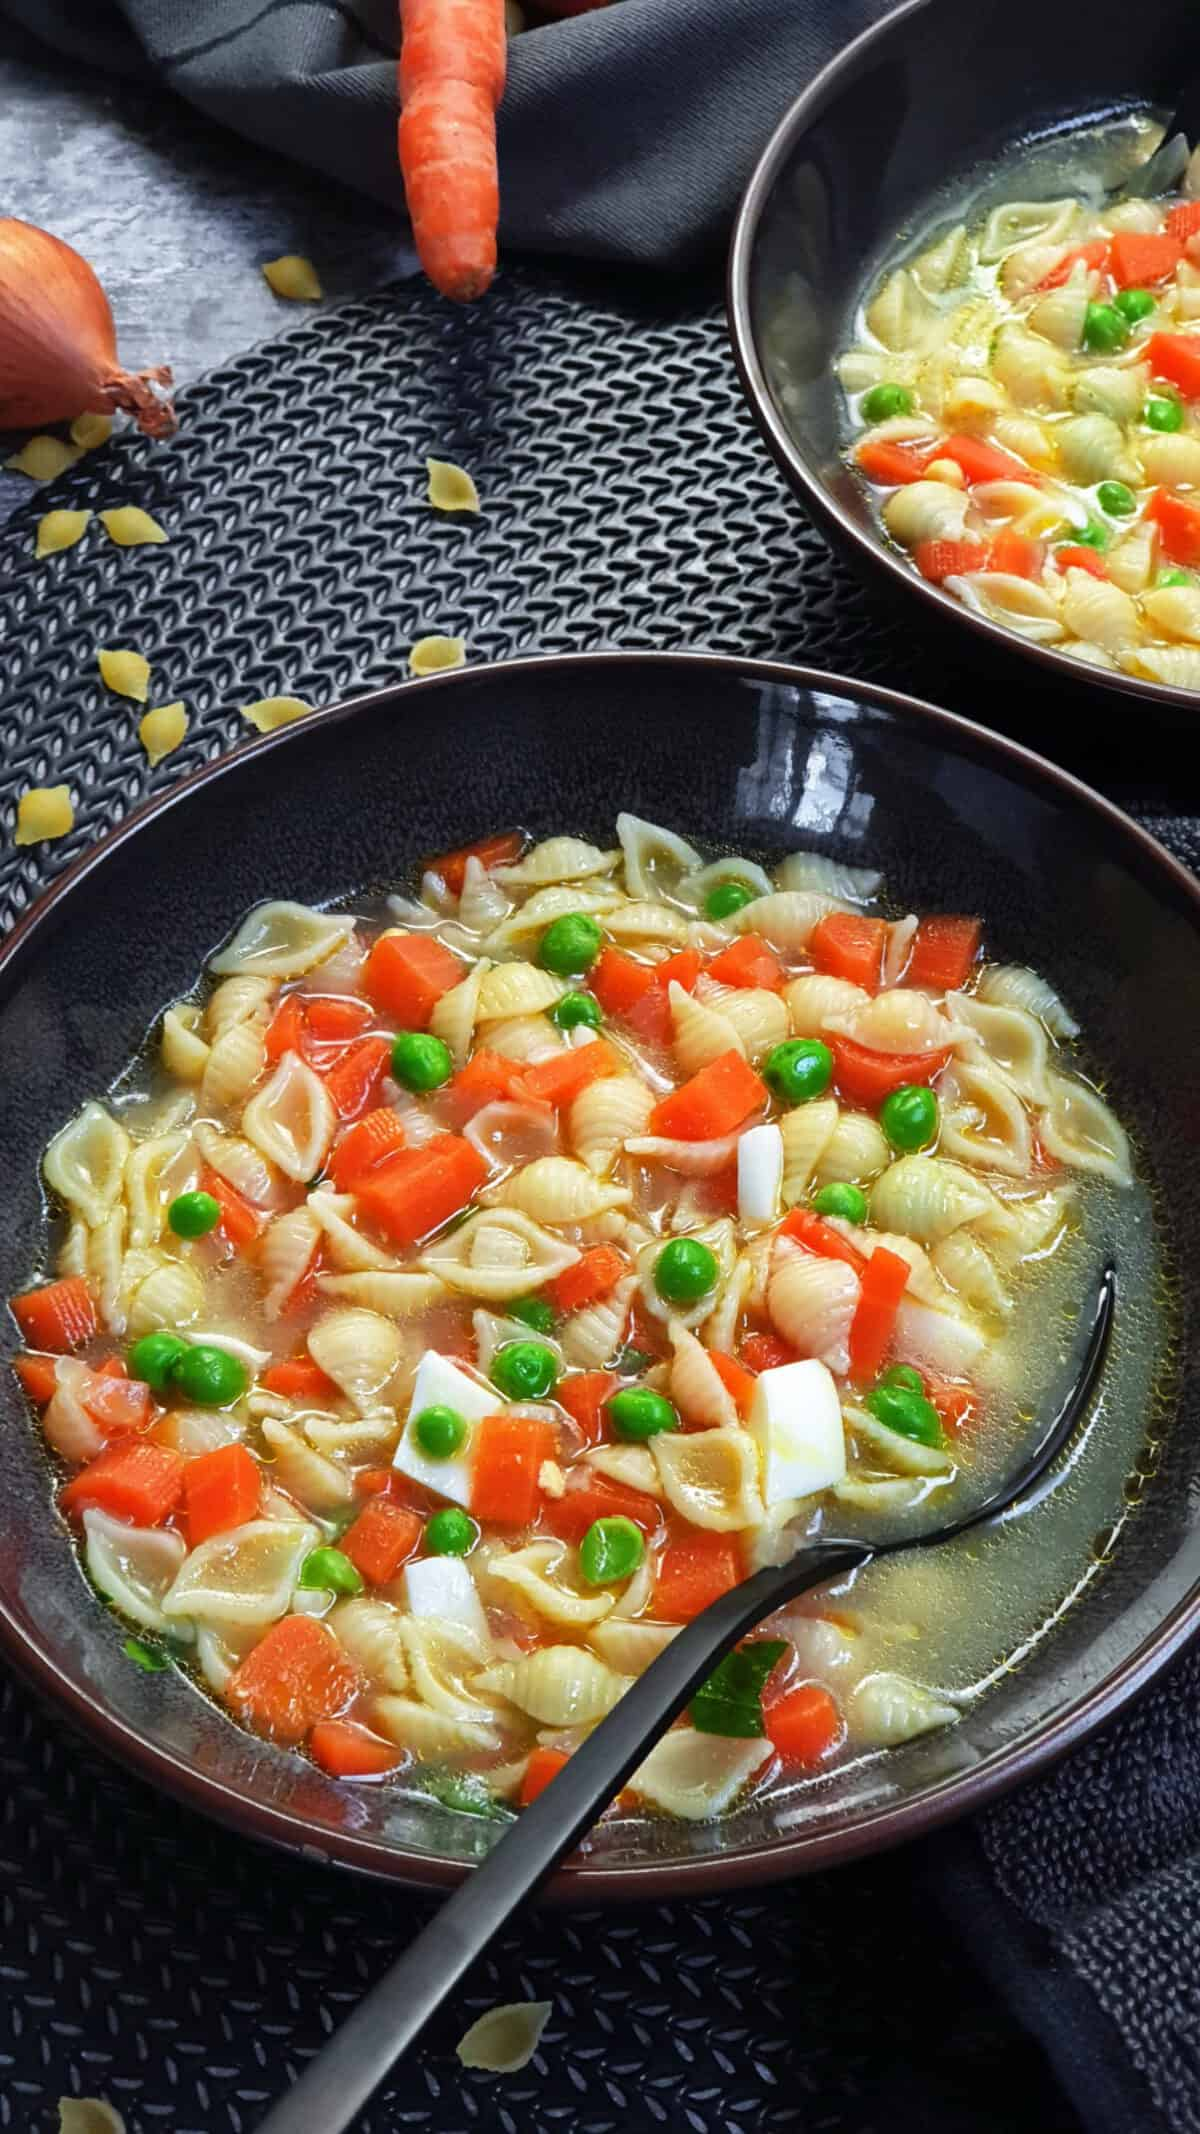 In einer braunen Schale eine Nudelsuppe mit buntem Gemüse und gekochtem Ei. Im Hintergrund Deko.